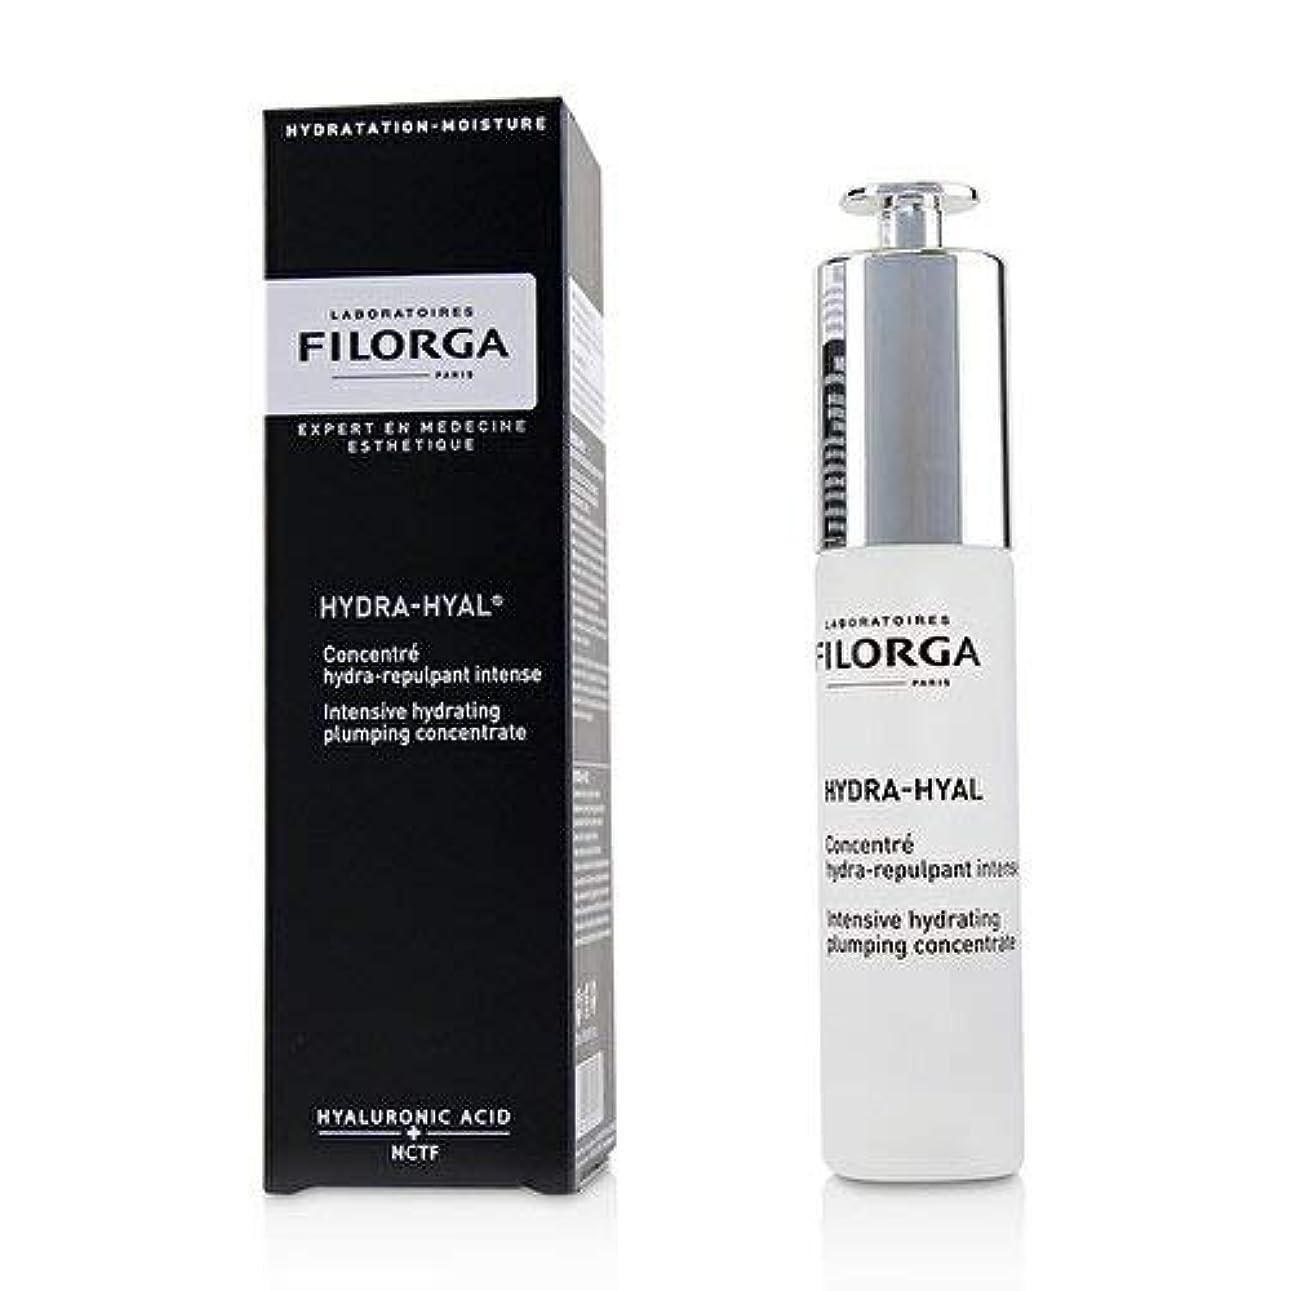 子音穿孔するコンテンツFilorga Hydra-Hyal Intensive Hydrating Plumping Concentrate 1V1320DM/359720 30ml/1oz並行輸入品